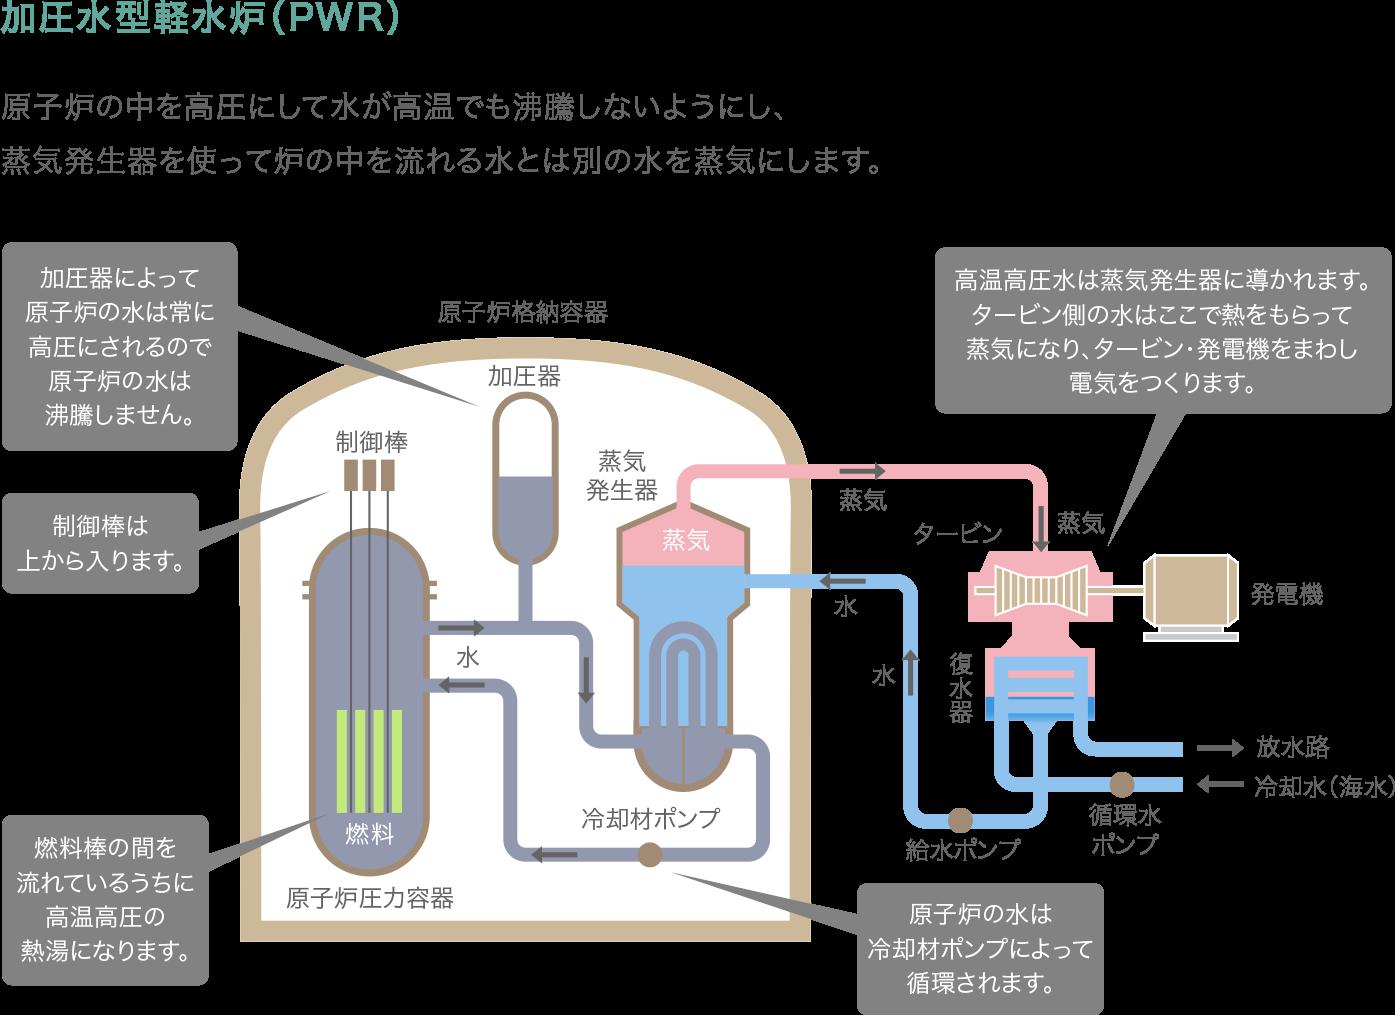 原子力発電のしくみ - 原子力発電について|中部電力